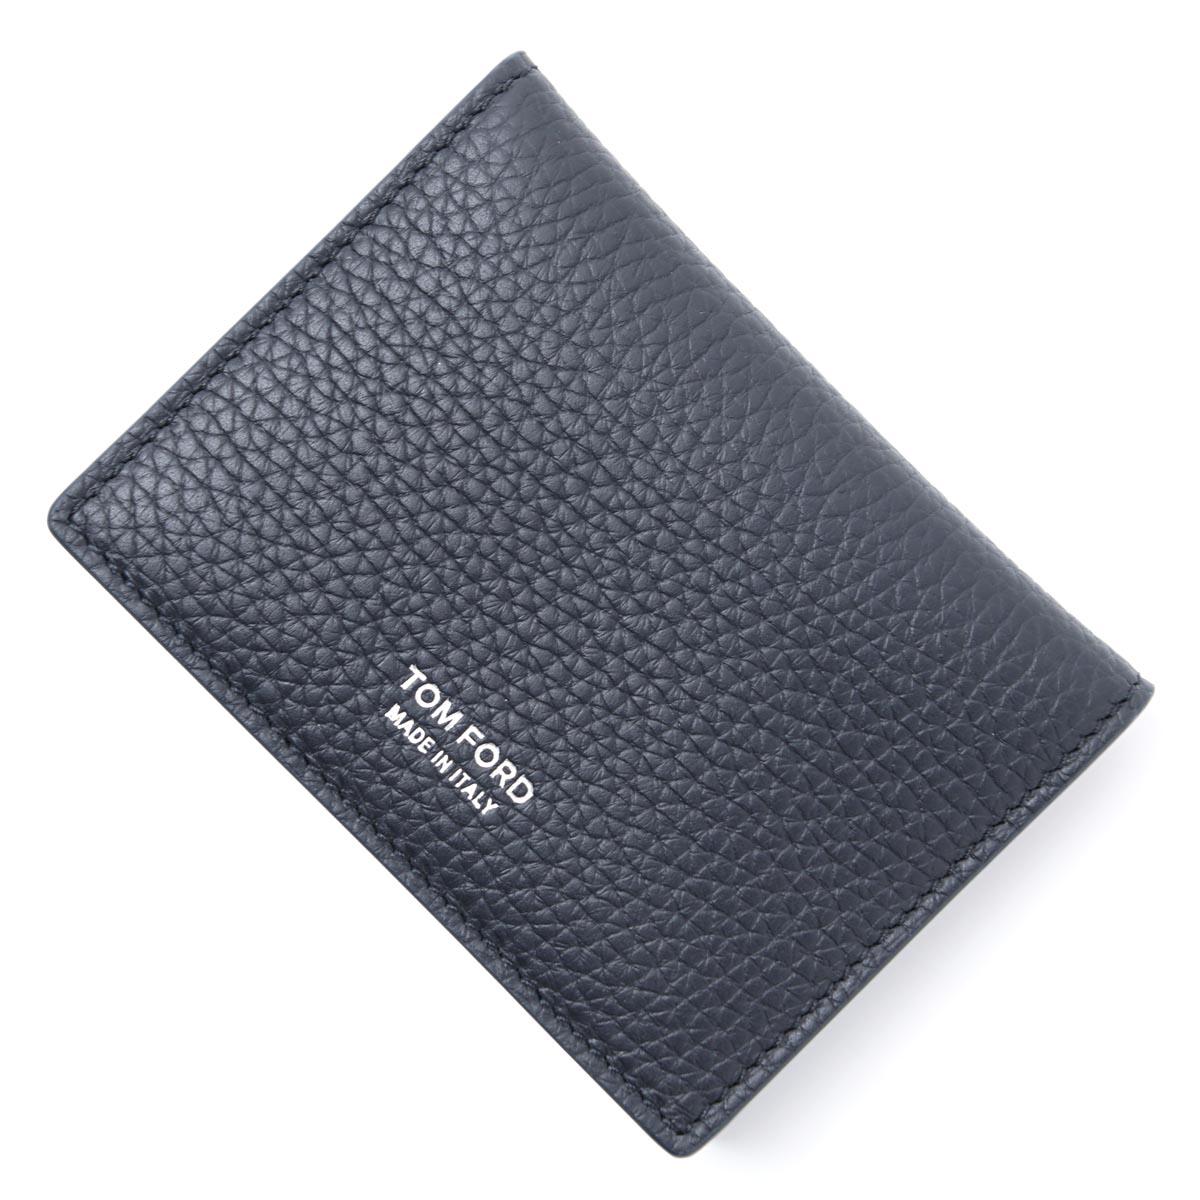 トムフォード TOM FORD カードケース ブルー メンズ カード ギフト プレゼント y0272p cp9 dnv CARD HOLDER【あす楽対応_関東】【返品送料無料】【ラッピング無料】